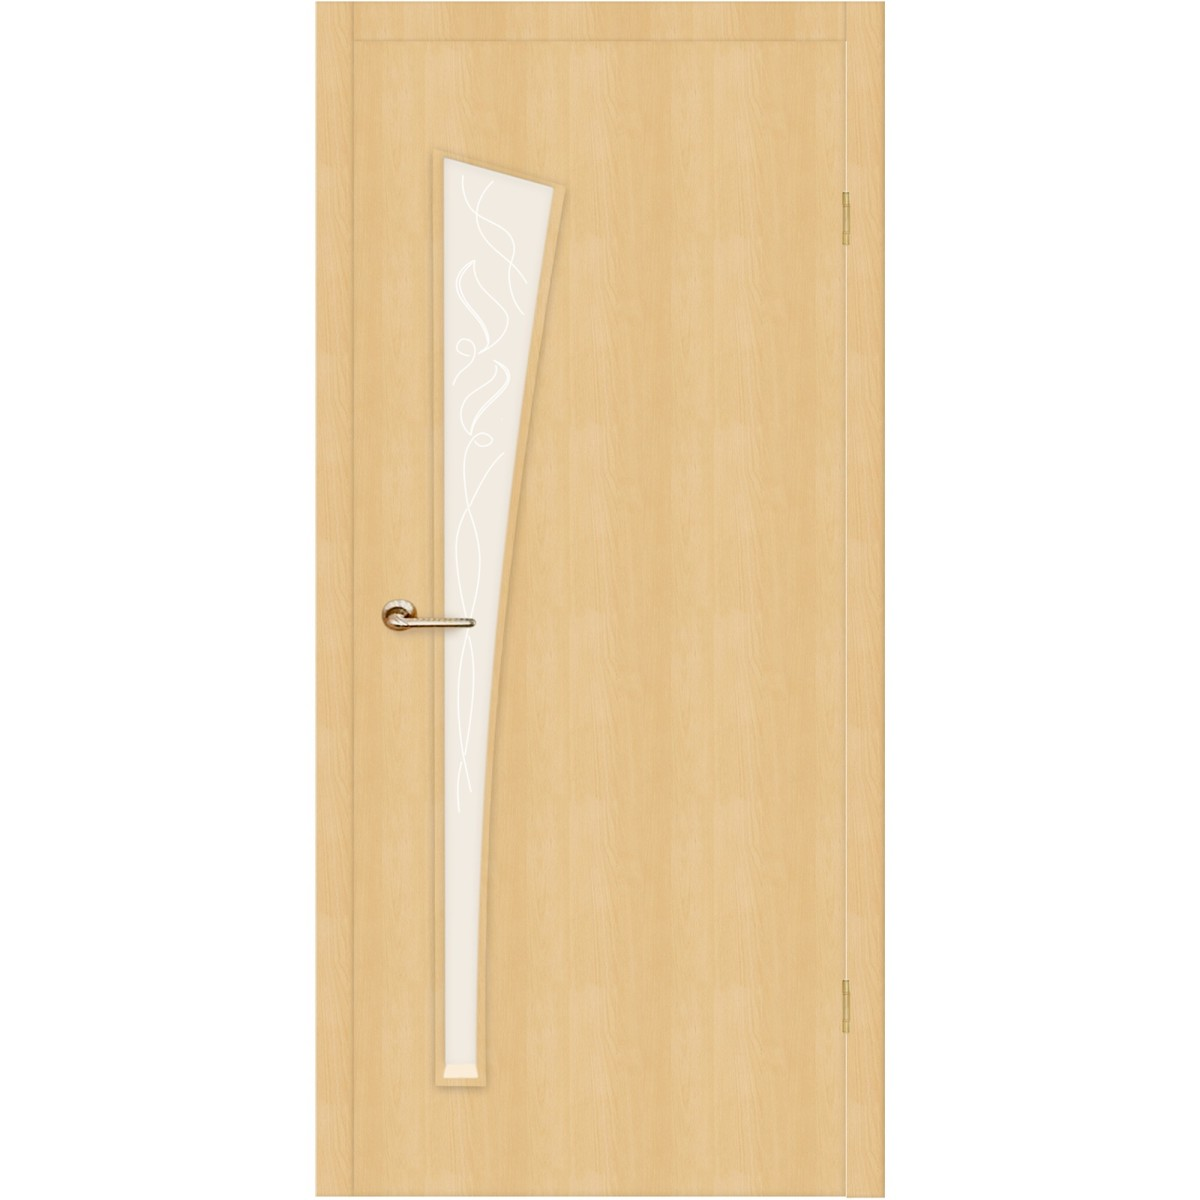 Дверь межкомнатная остеклённая Belleza 60x200 см ламинация цвет дуб белый